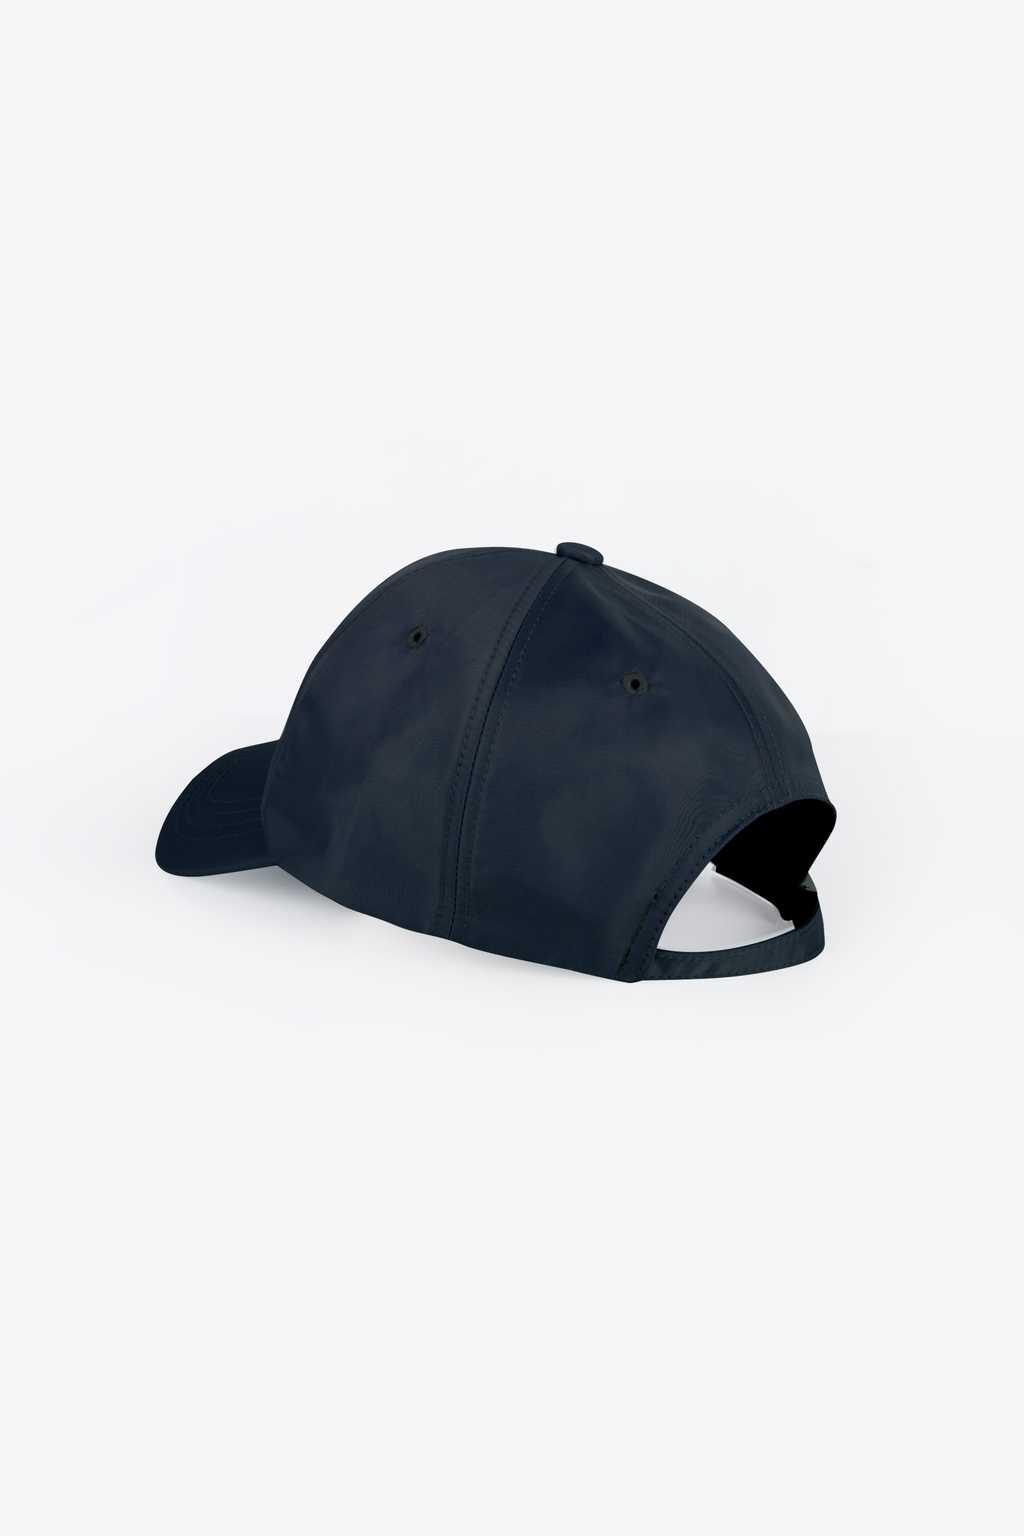 Hat H003 Navy 2